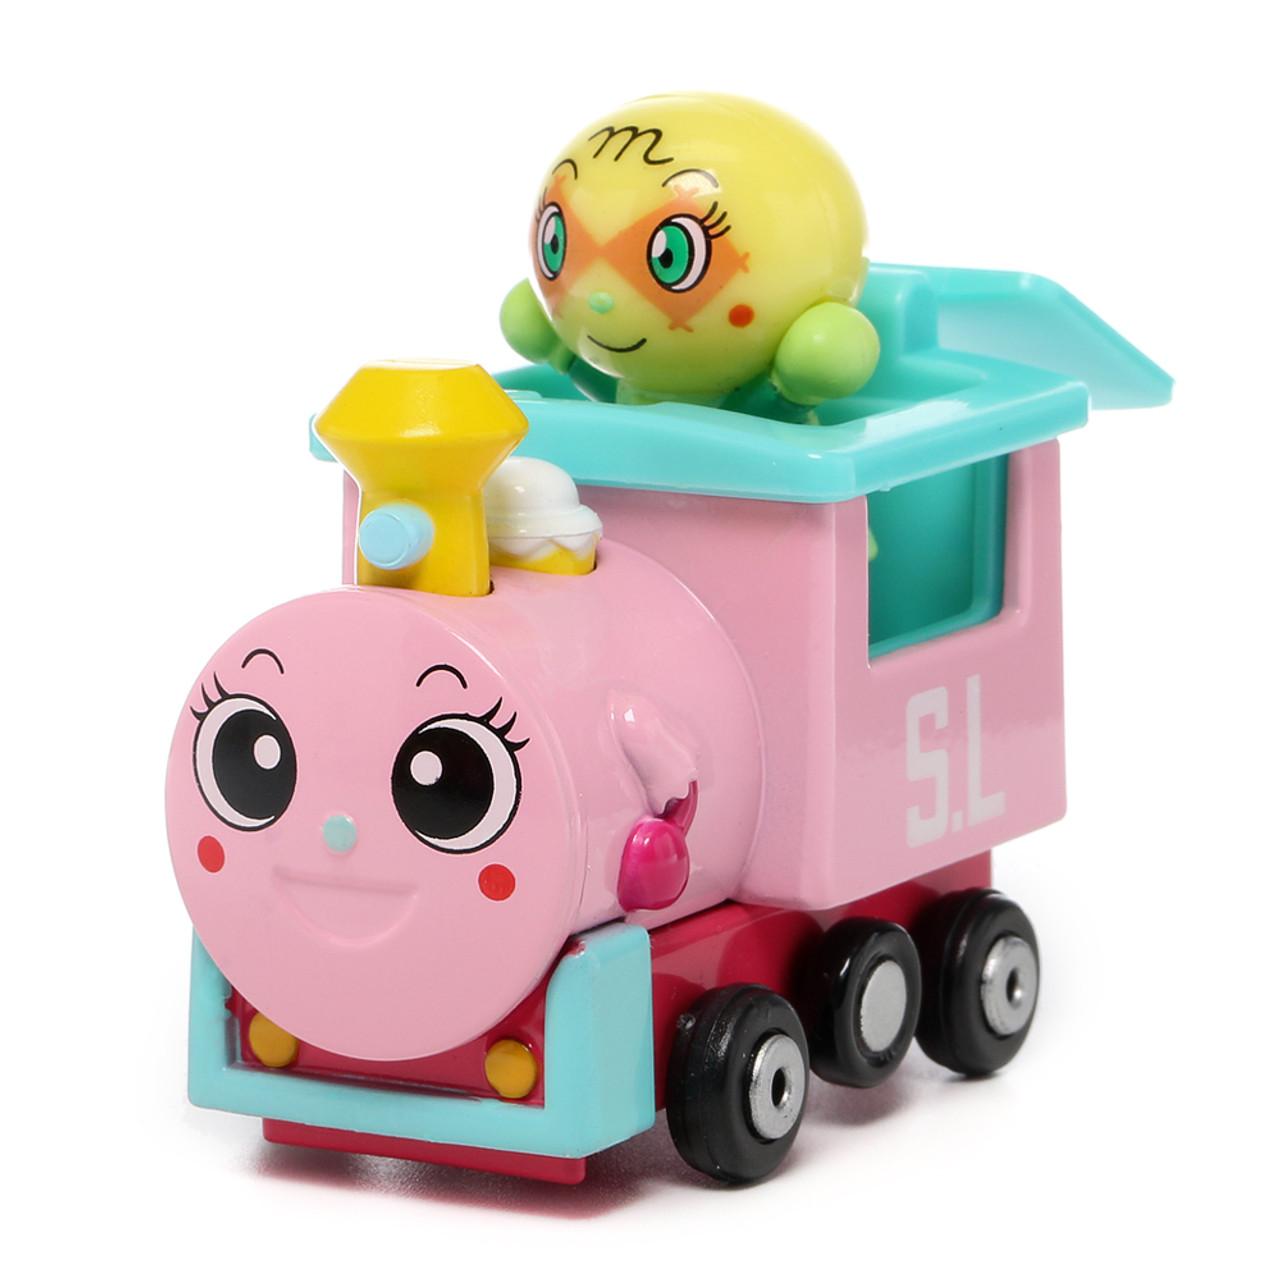 Sega Toys Anpanman Museum Go Go Mini Vehicle Carry Hero - Melonpanna Poppo train ( Front View )